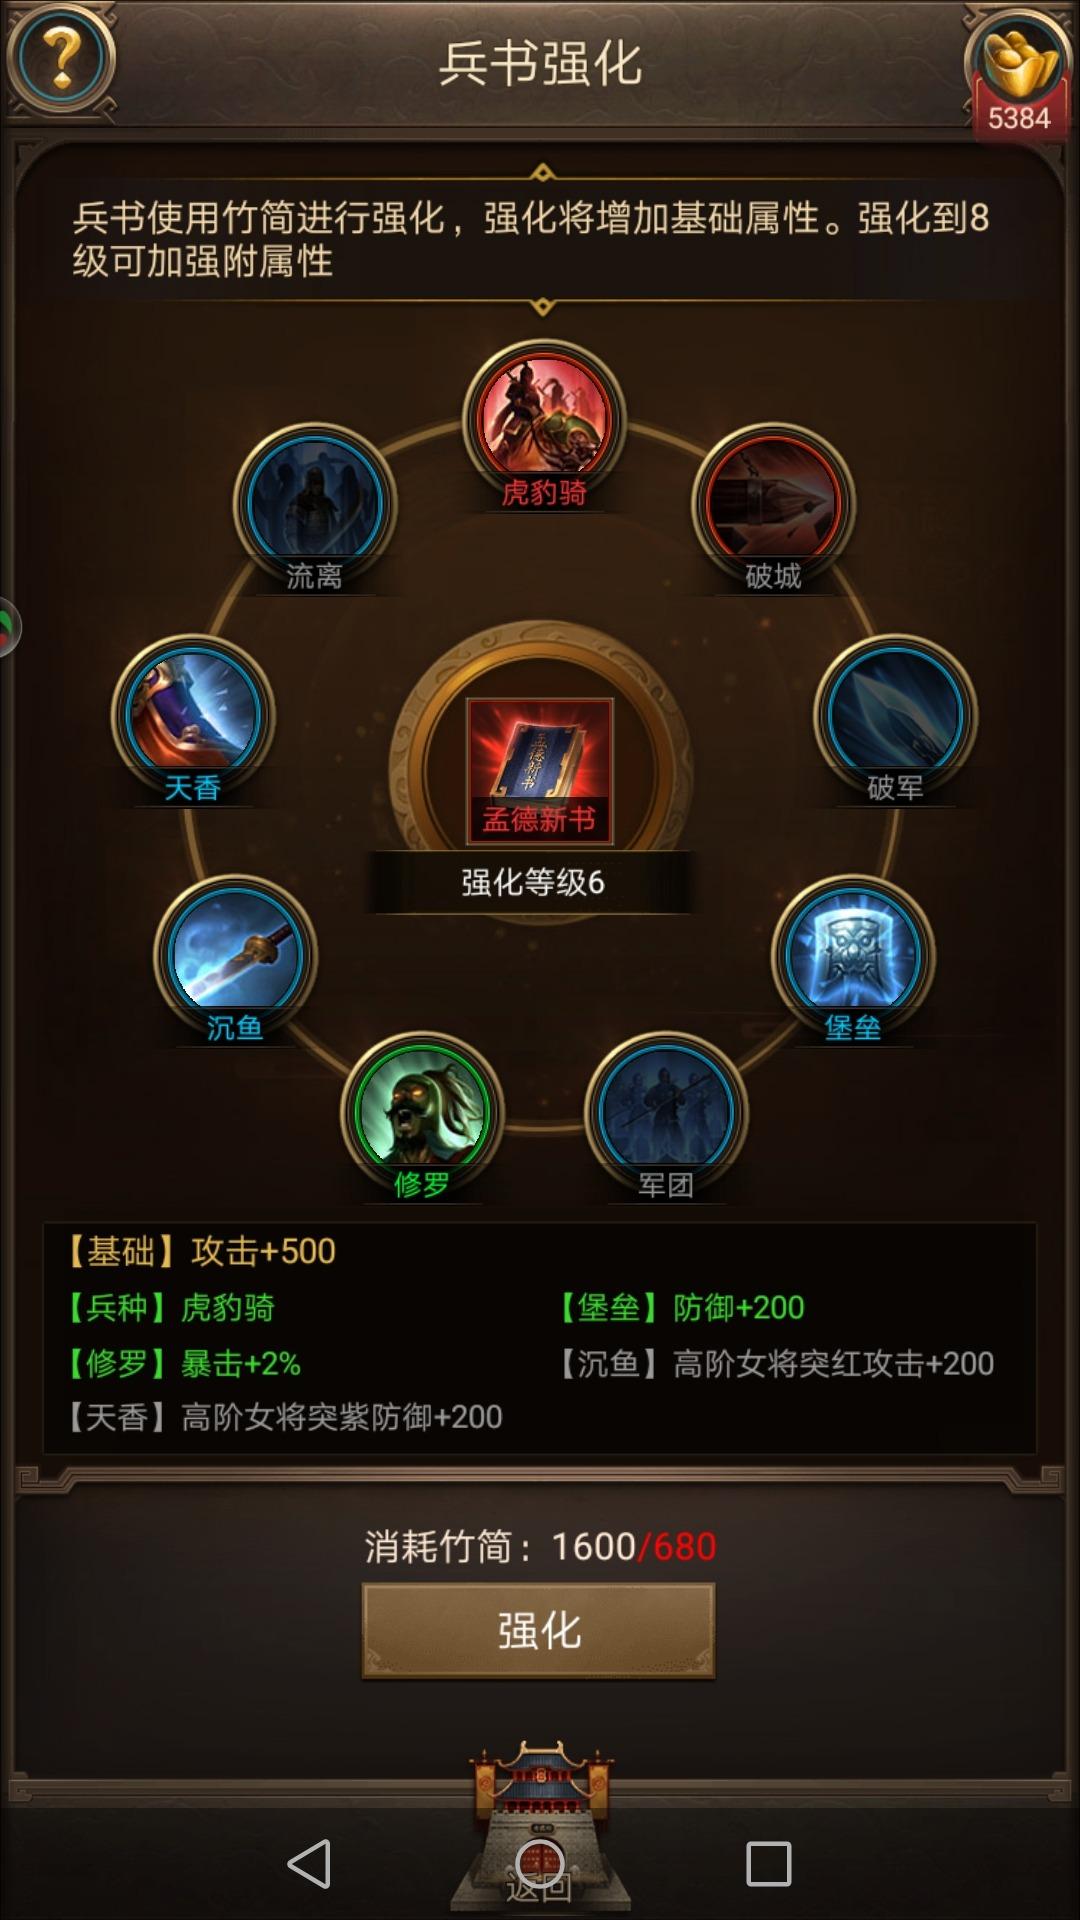 Screenshot_20190718_213736_com.tencent.tmgp.zhzz03.ztsg.GZ.jpg